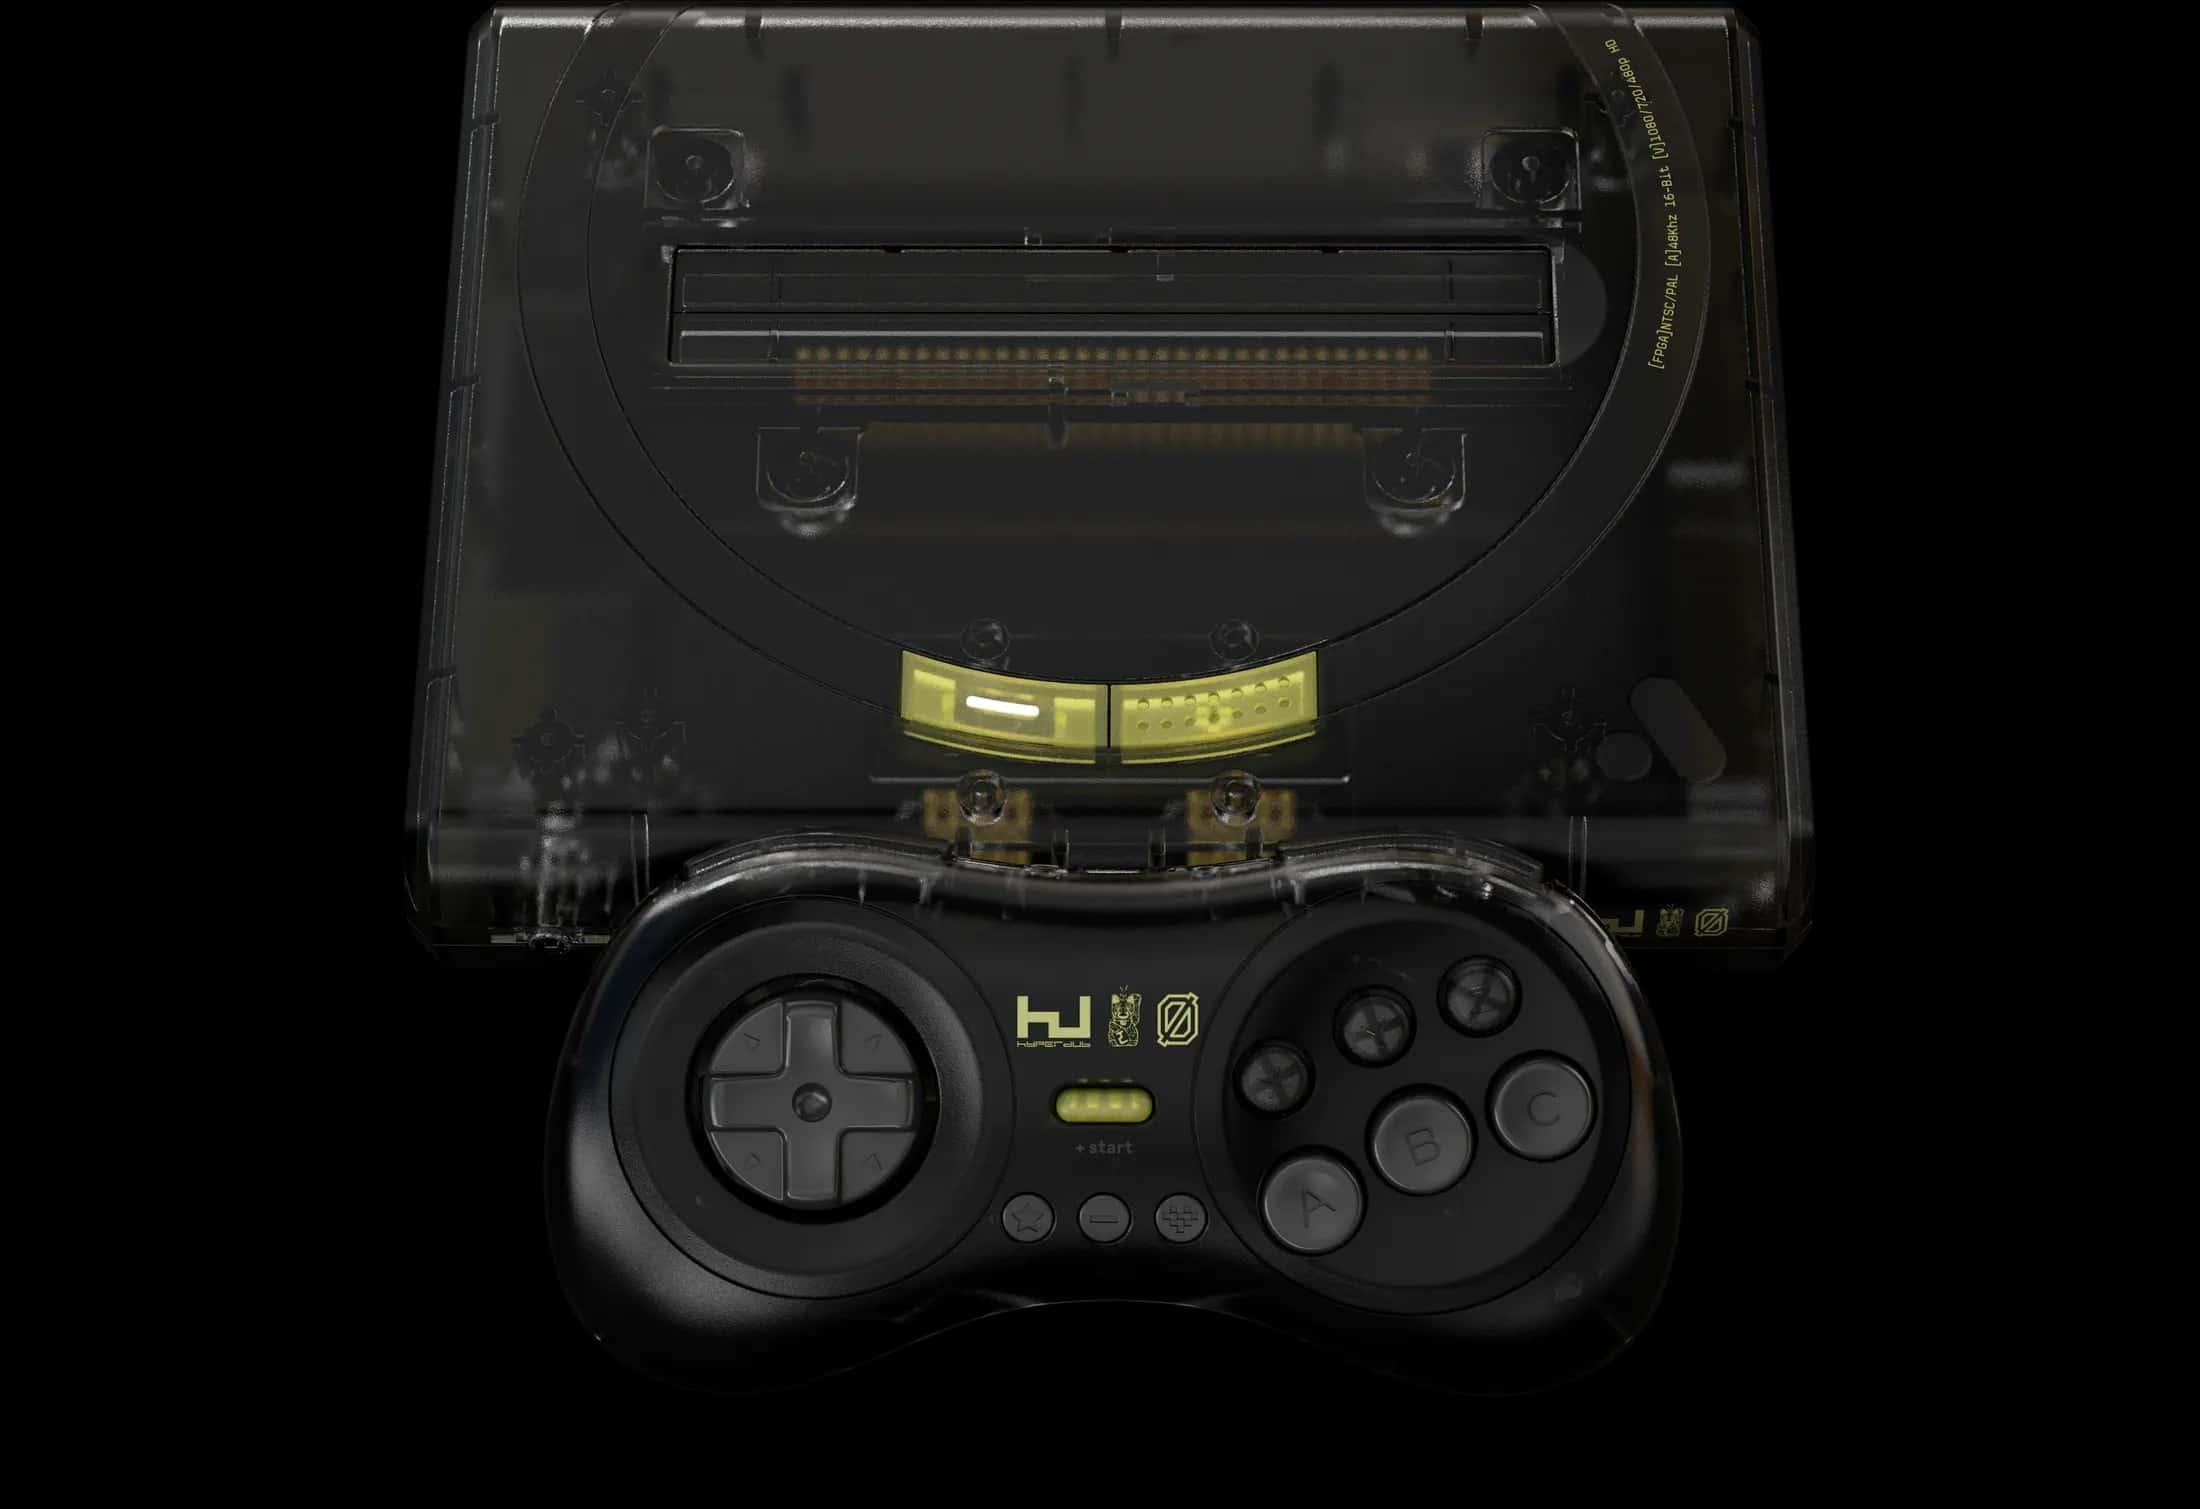 Hyperdub x Analogue: Mega Drive für Fans elektronischer Musik